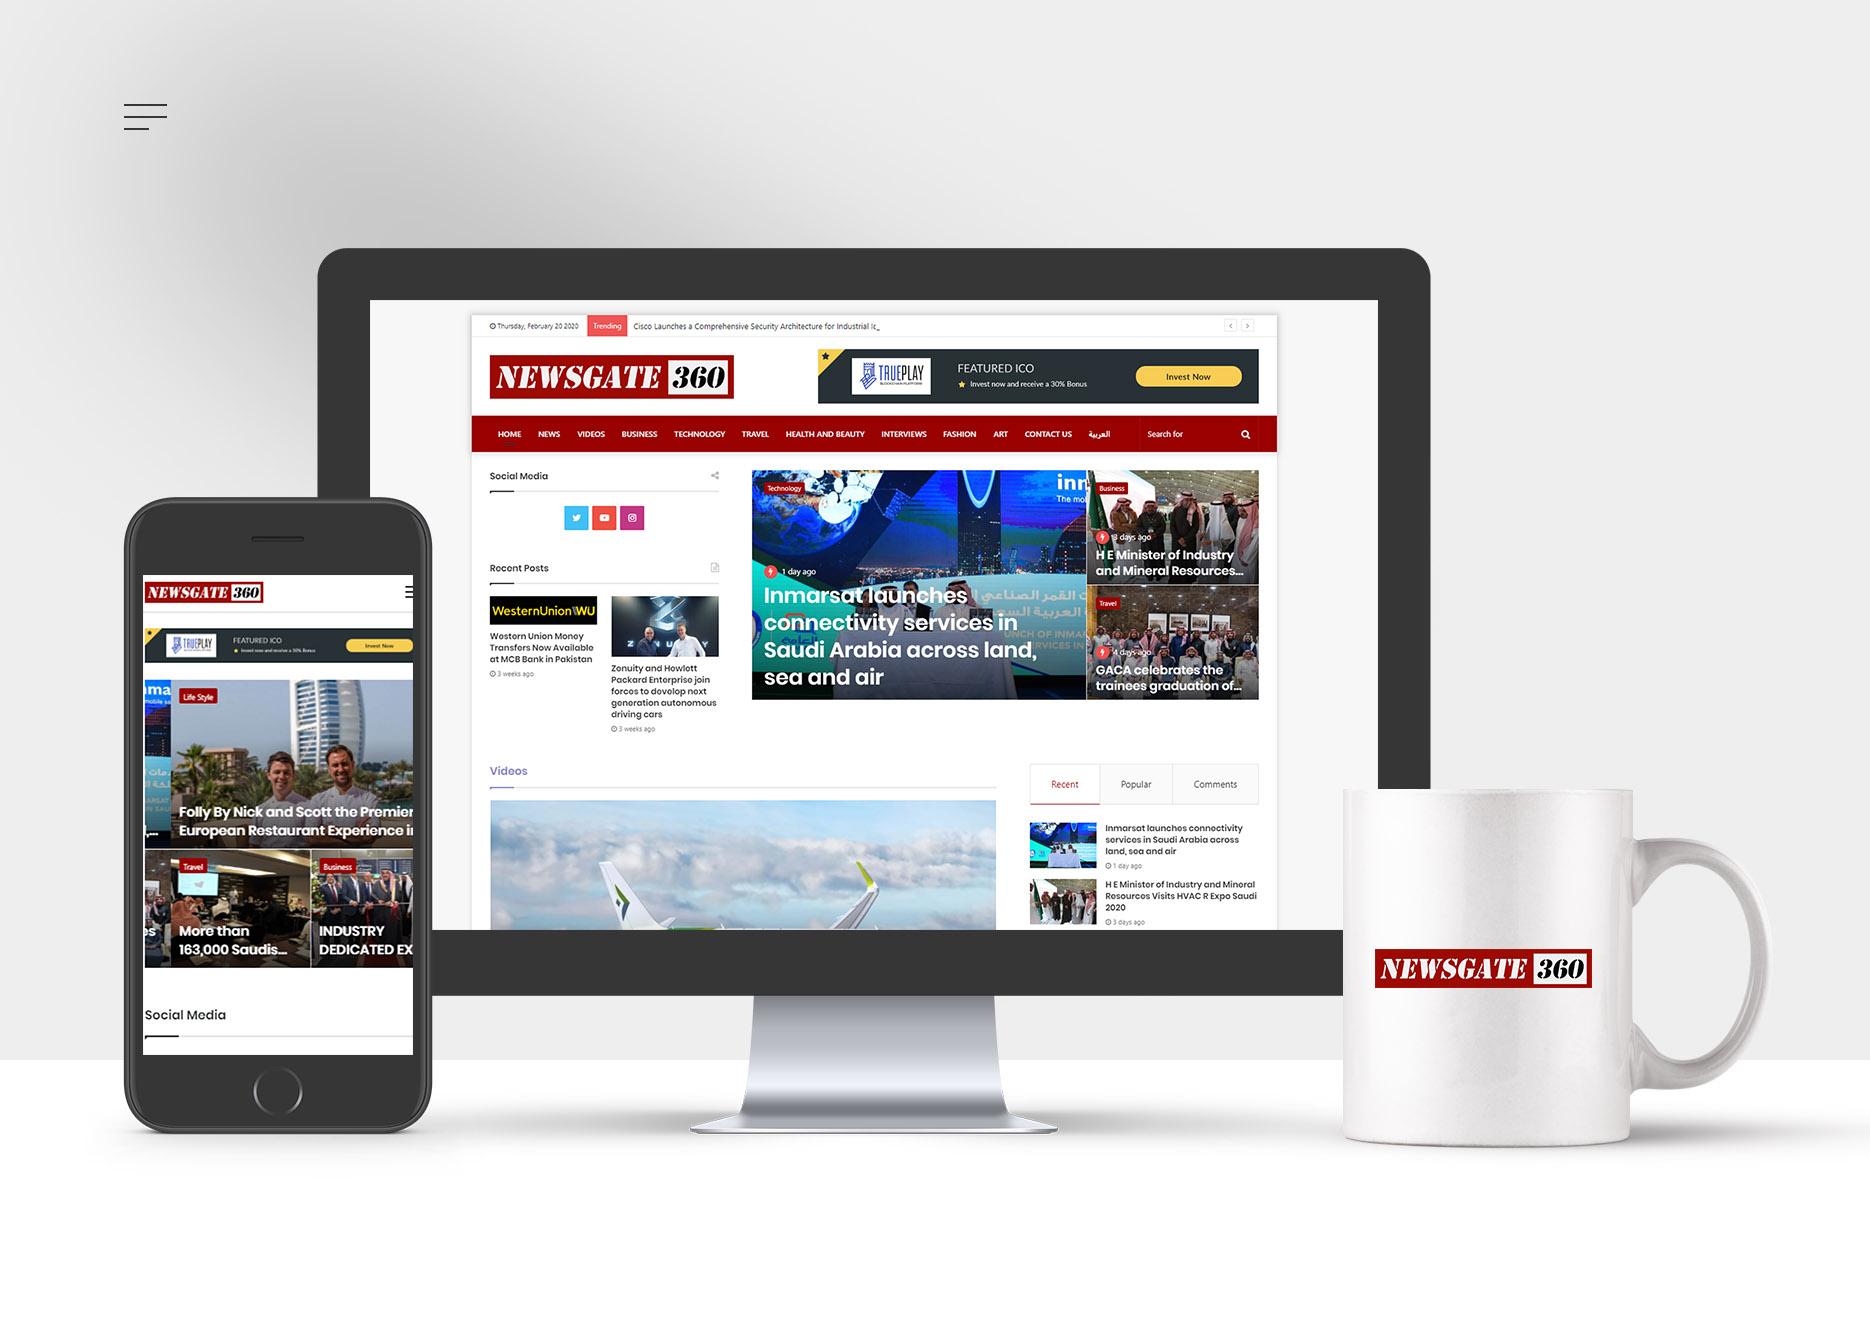 newsgate360